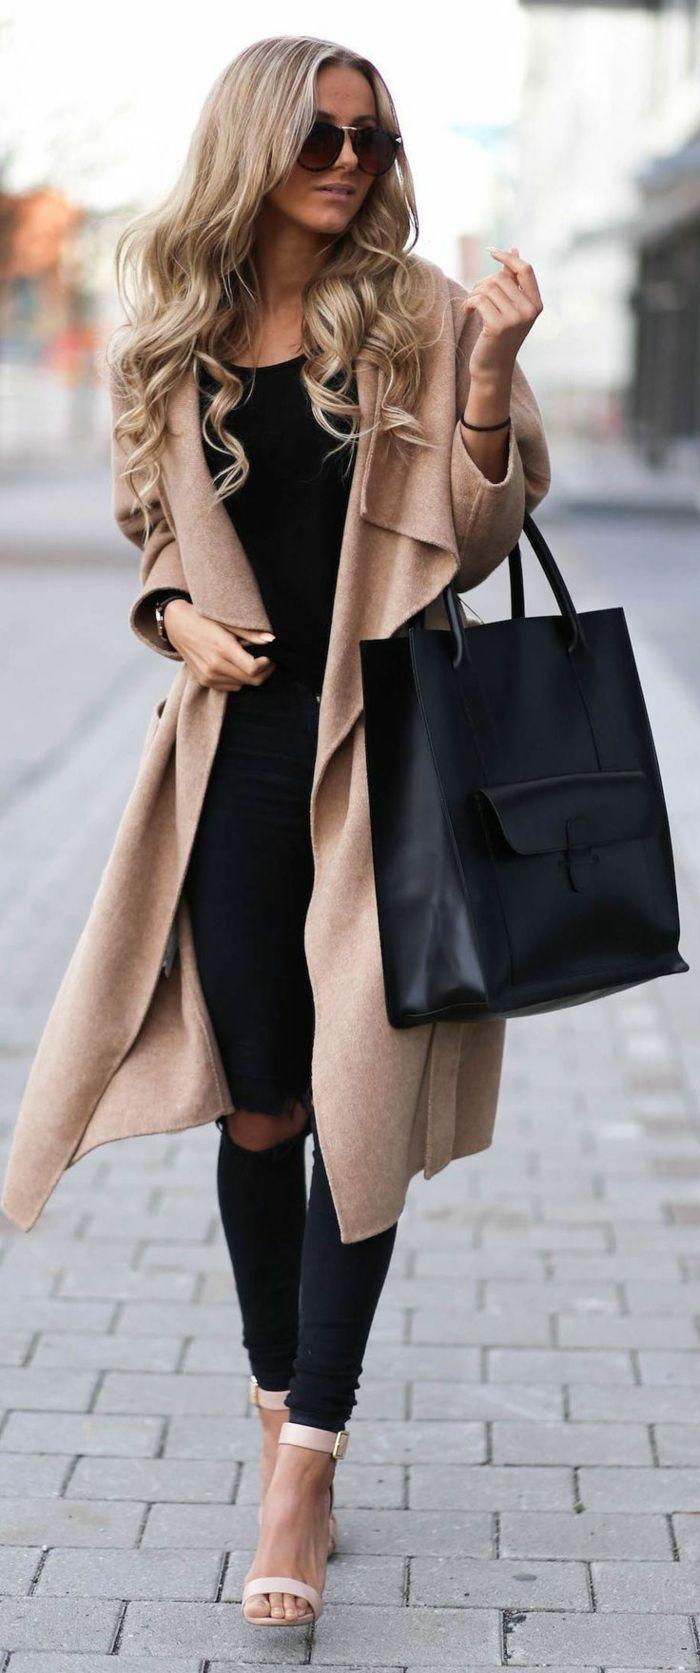 Choisir le plus élégant manteau long femme parmi les photos   ~ Best of  Blogging, Fashion   Lifestyle ~   Pinterest   Manteau long femme, Manteau  long and ... c15793445bf2